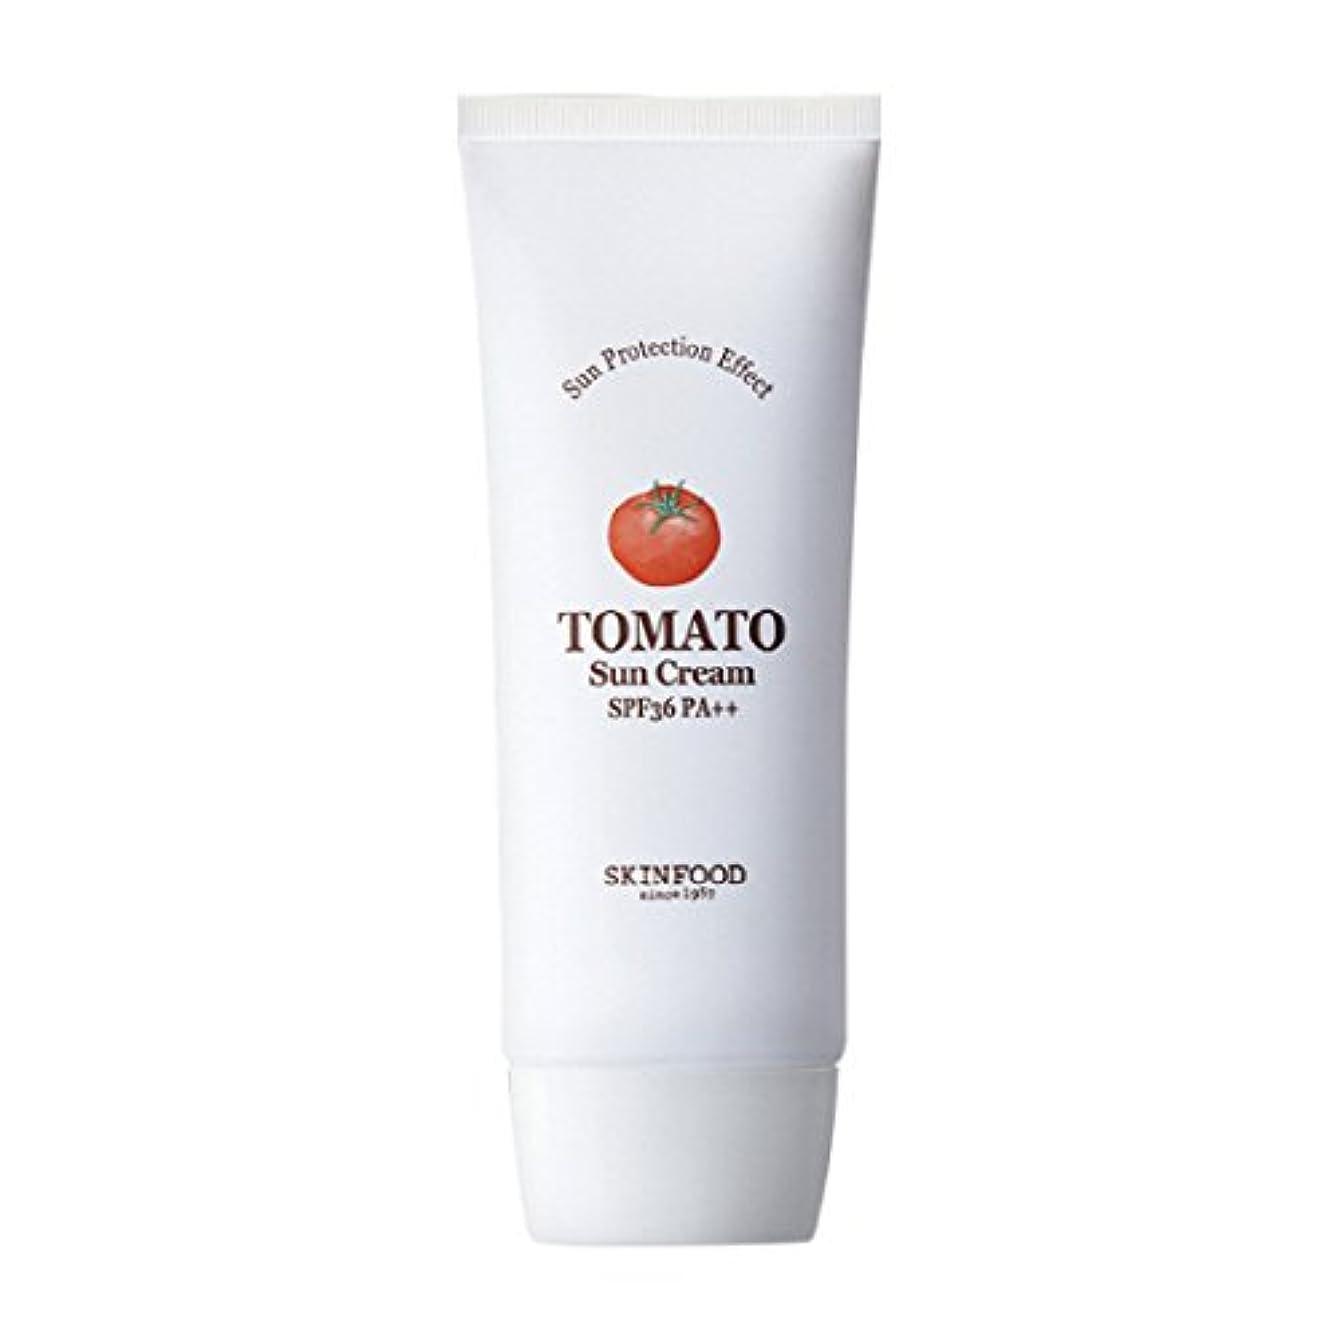 ショルダー白いスーパーマーケットSkinfood トマトサンクリームSPF 36 PA ++(UVプロテクション) / Tomato Sun Cream SPF 36 PA++ (UV Protection) 50ml [並行輸入品]